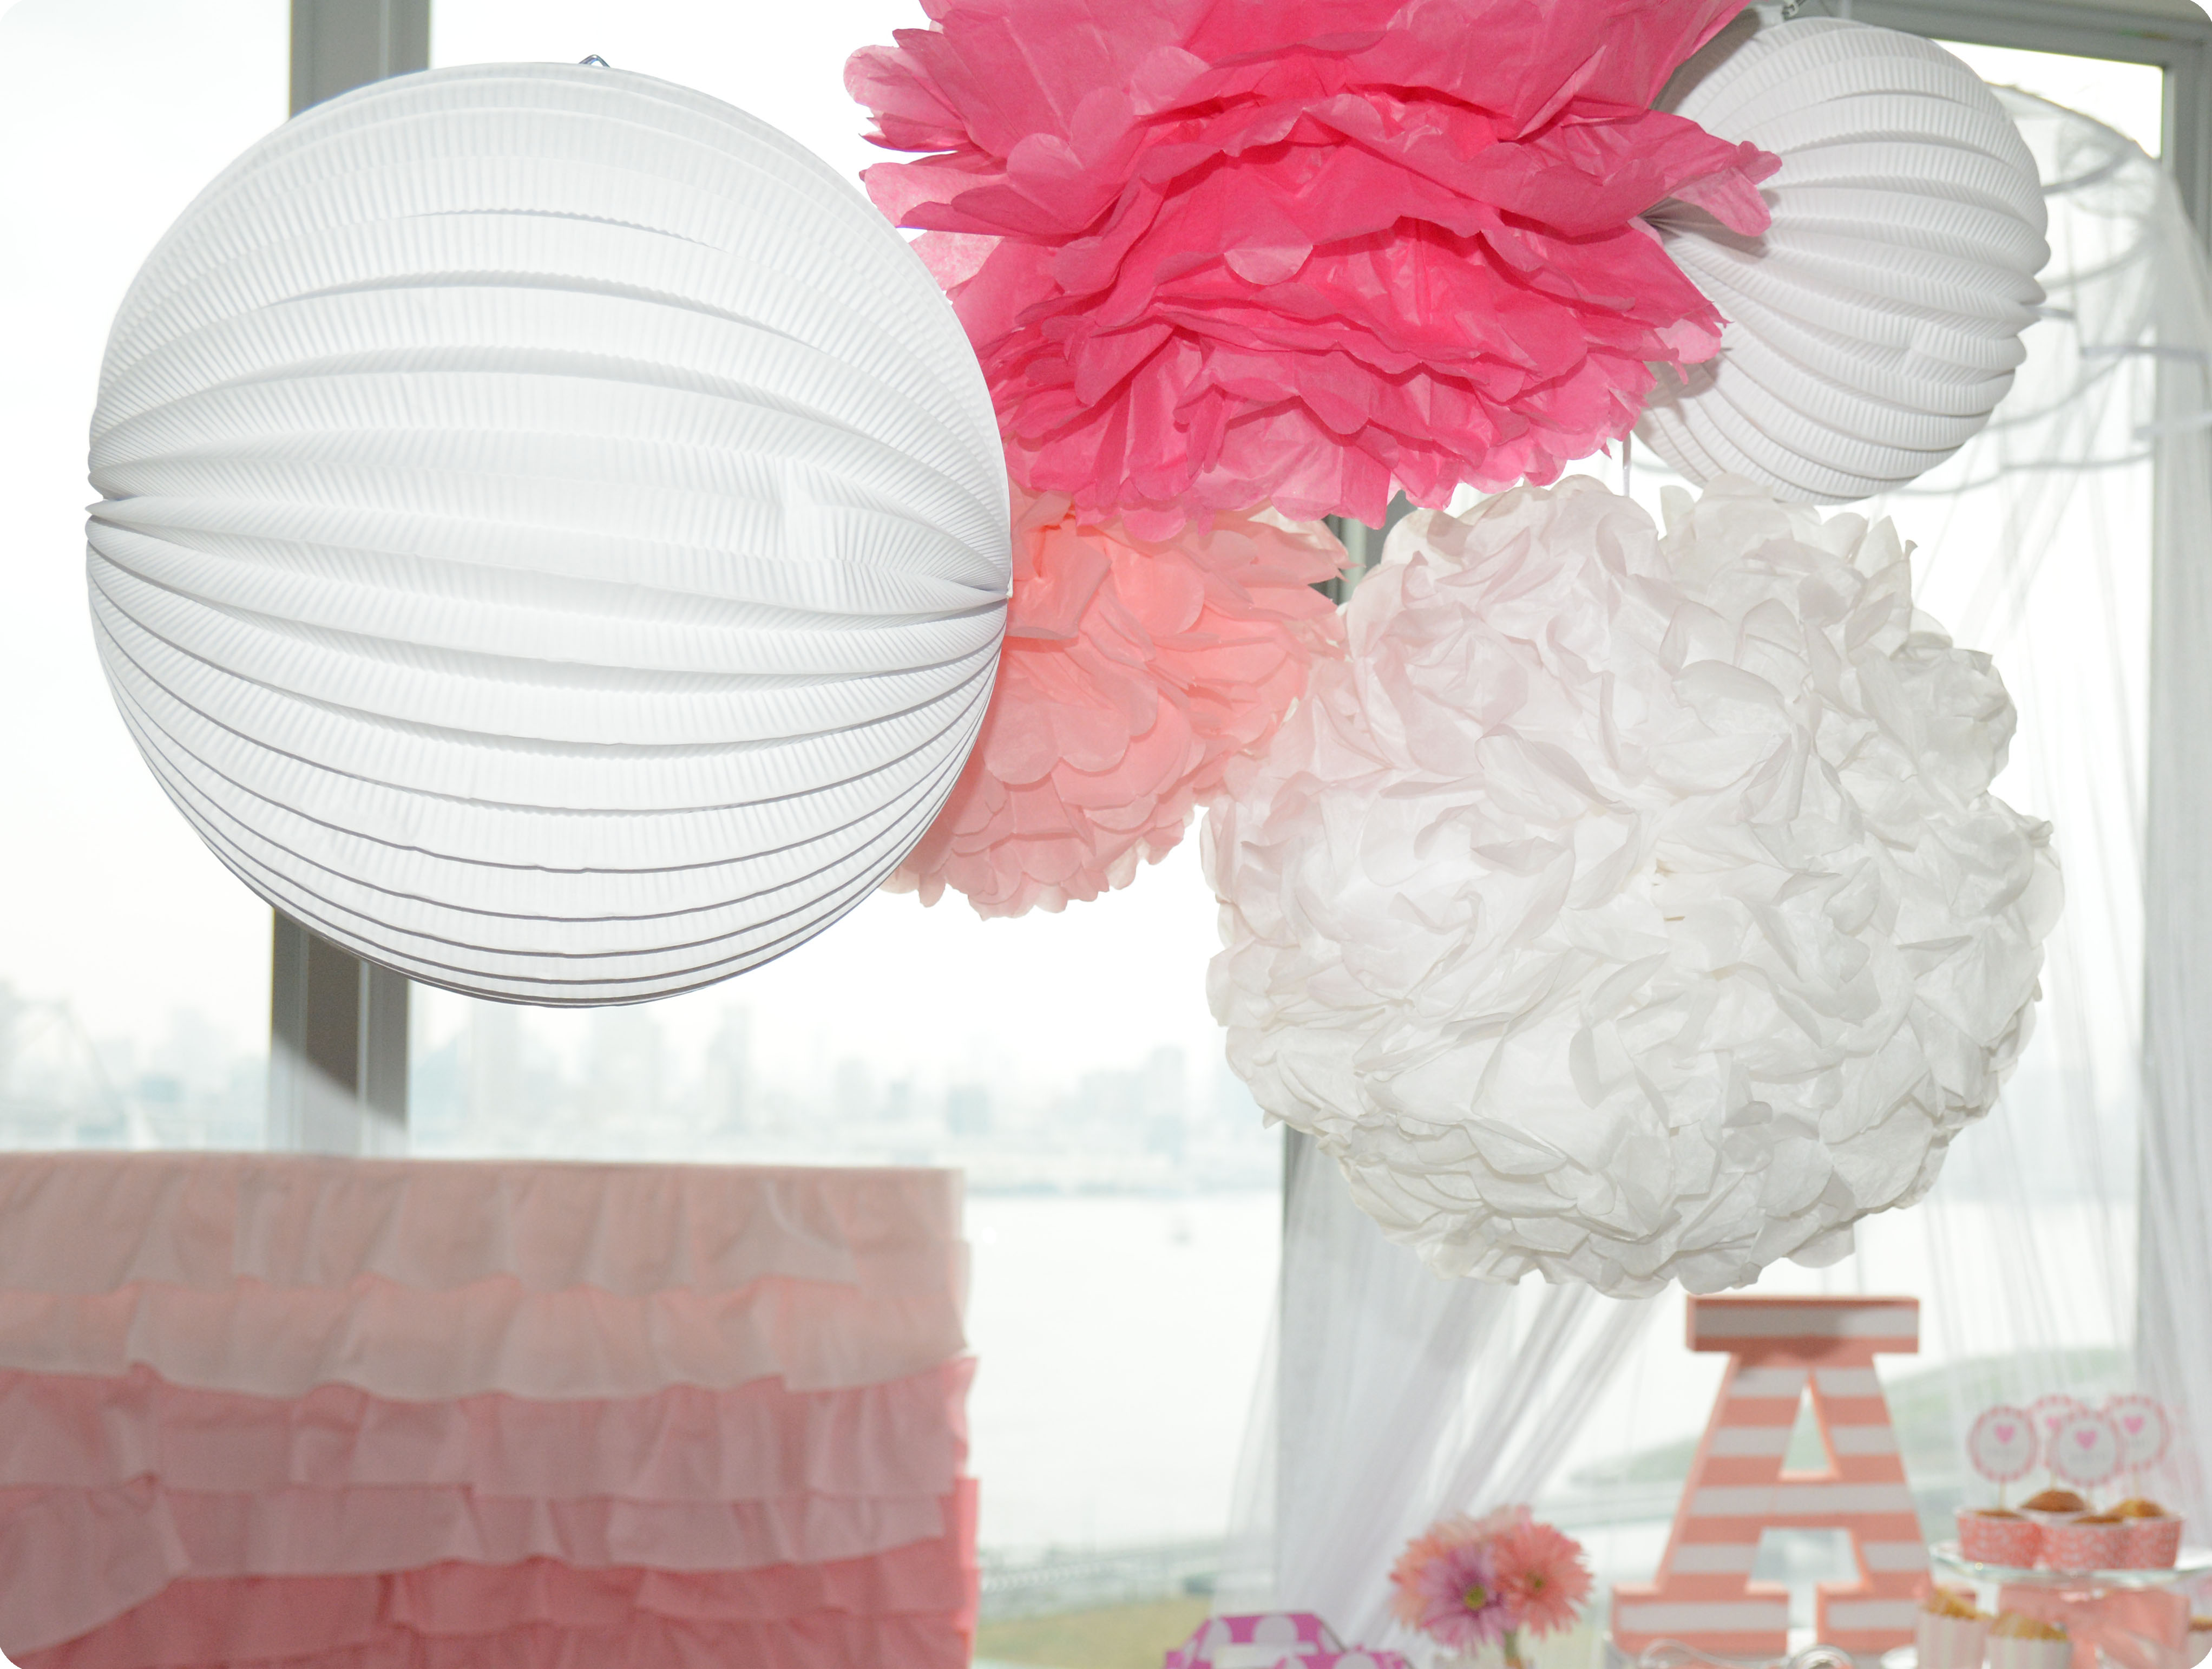 プリンセス テーマのピンクパーティー : Pink Princess Party